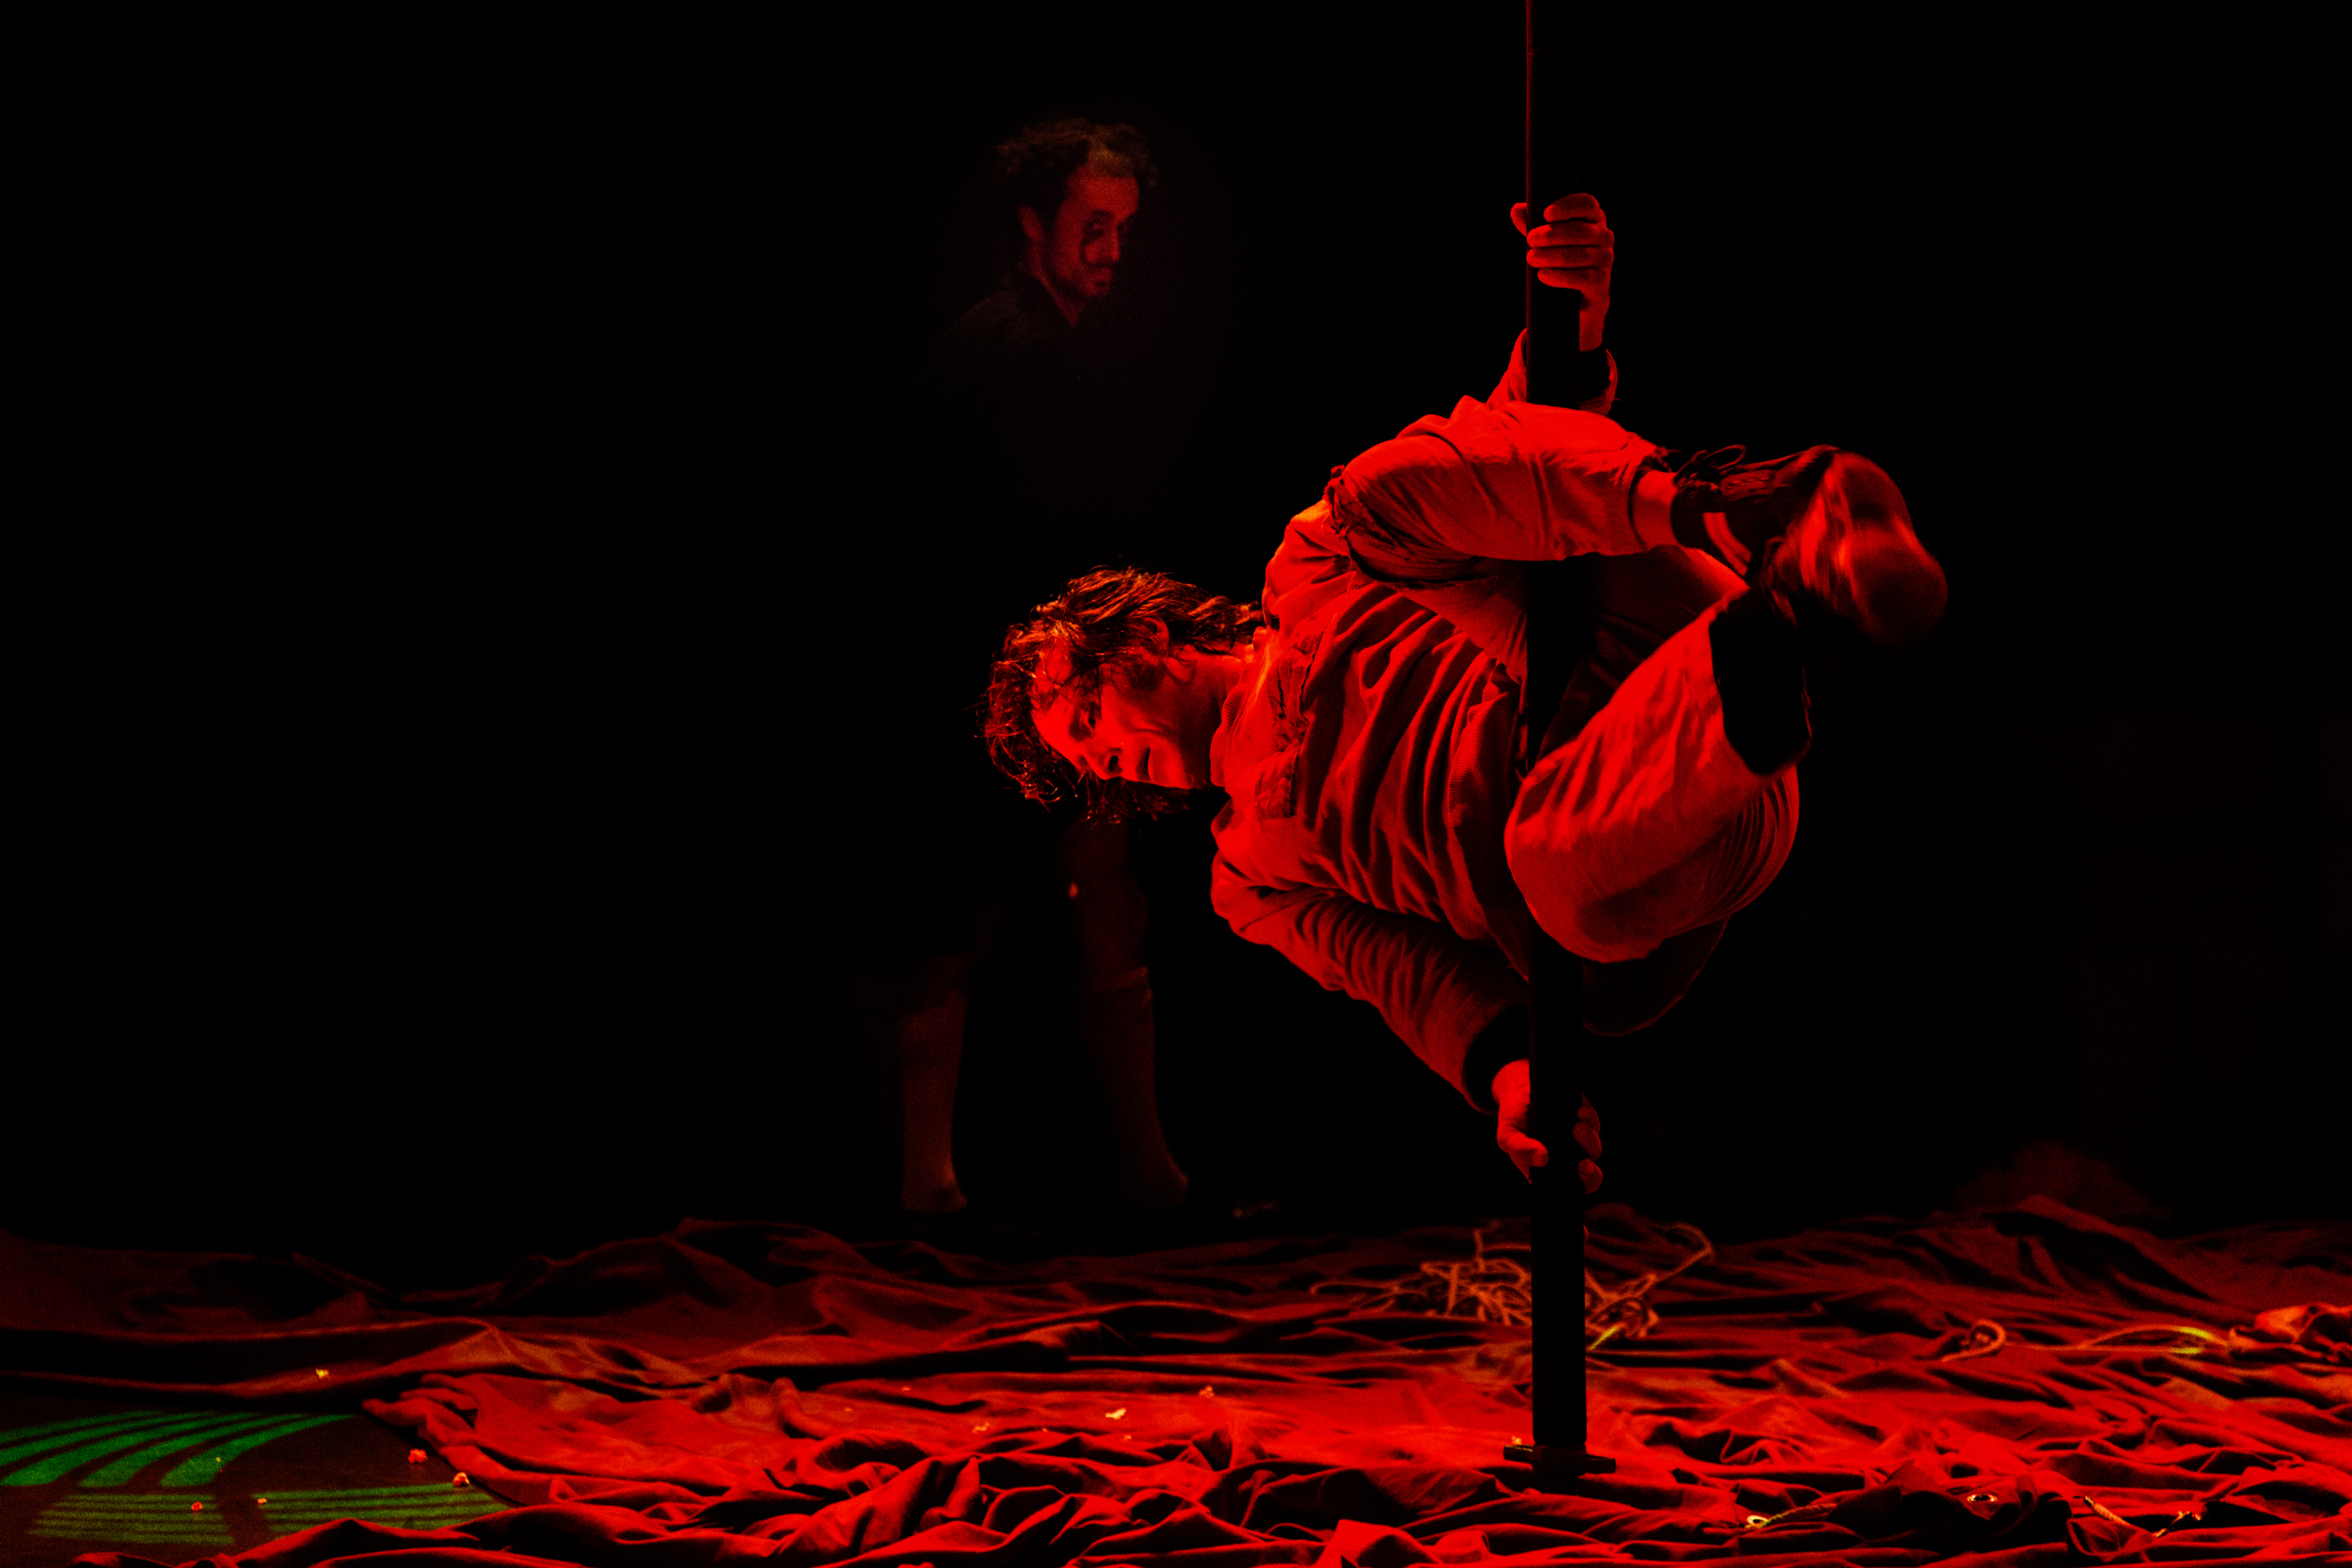 Fotografías de artes escénicas, el circo de Redondo y Albuerne.